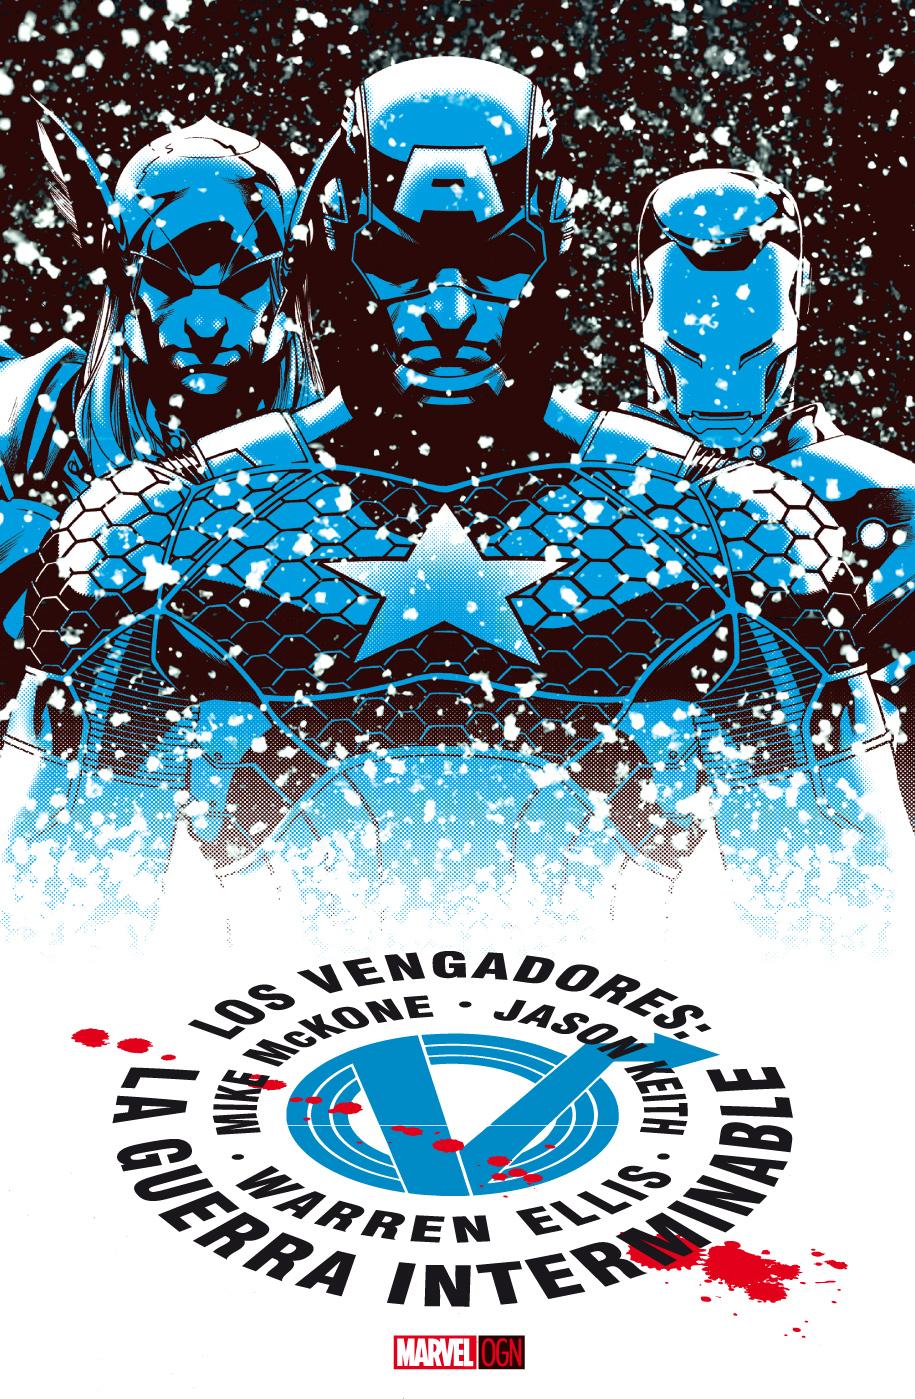 Portada de la novela gráfica Los Vengadores: La Guerra Interminable